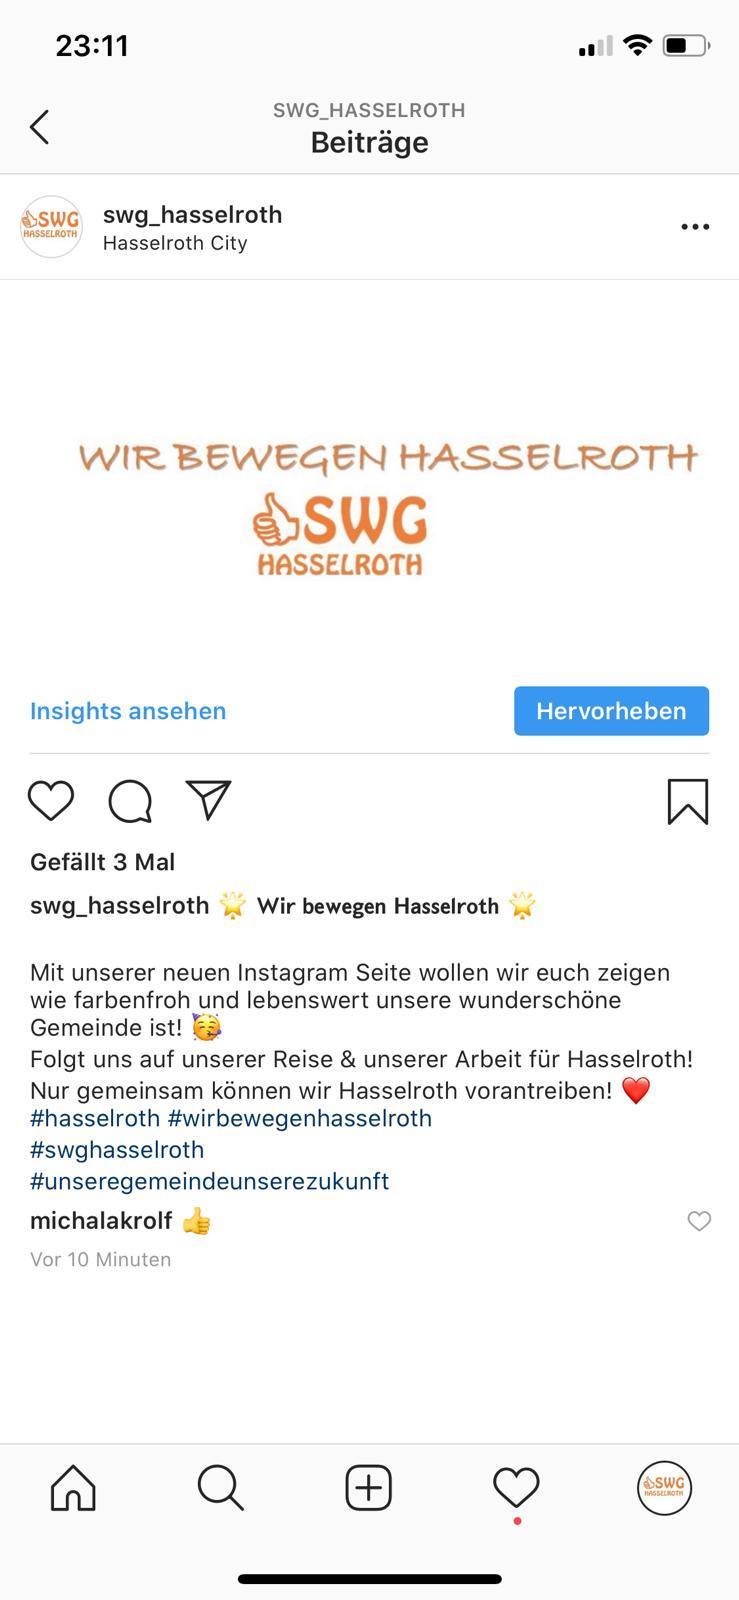 SWG Hasselroth Jetzt Neu Auch Auf Instagram Vertreten